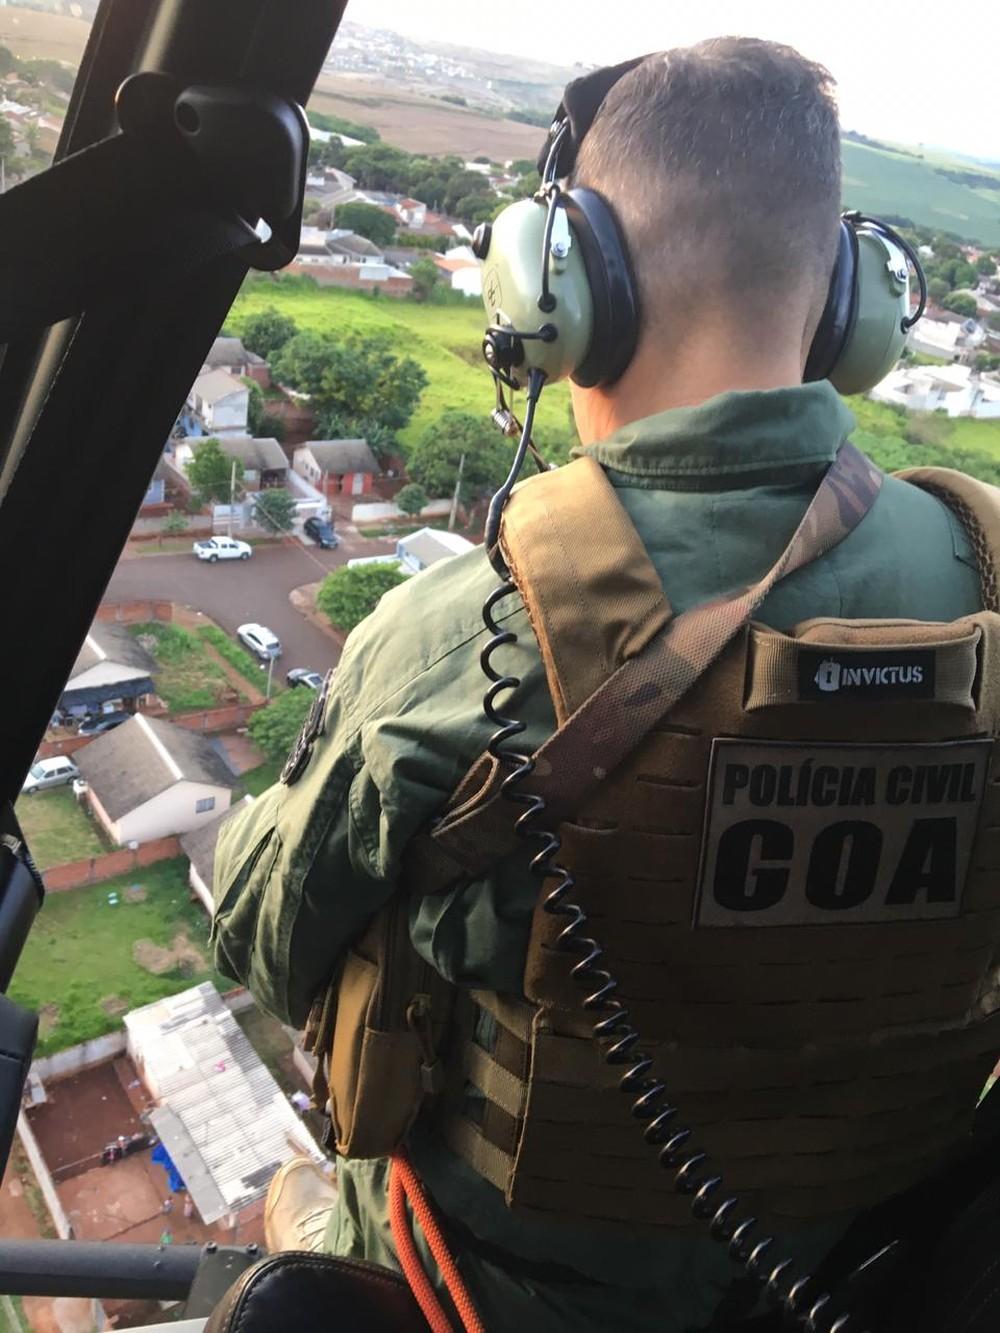 Operação ocorre em Maringá nesta quinta-feira (6) - Foto: Polícia Civil/Divulgação